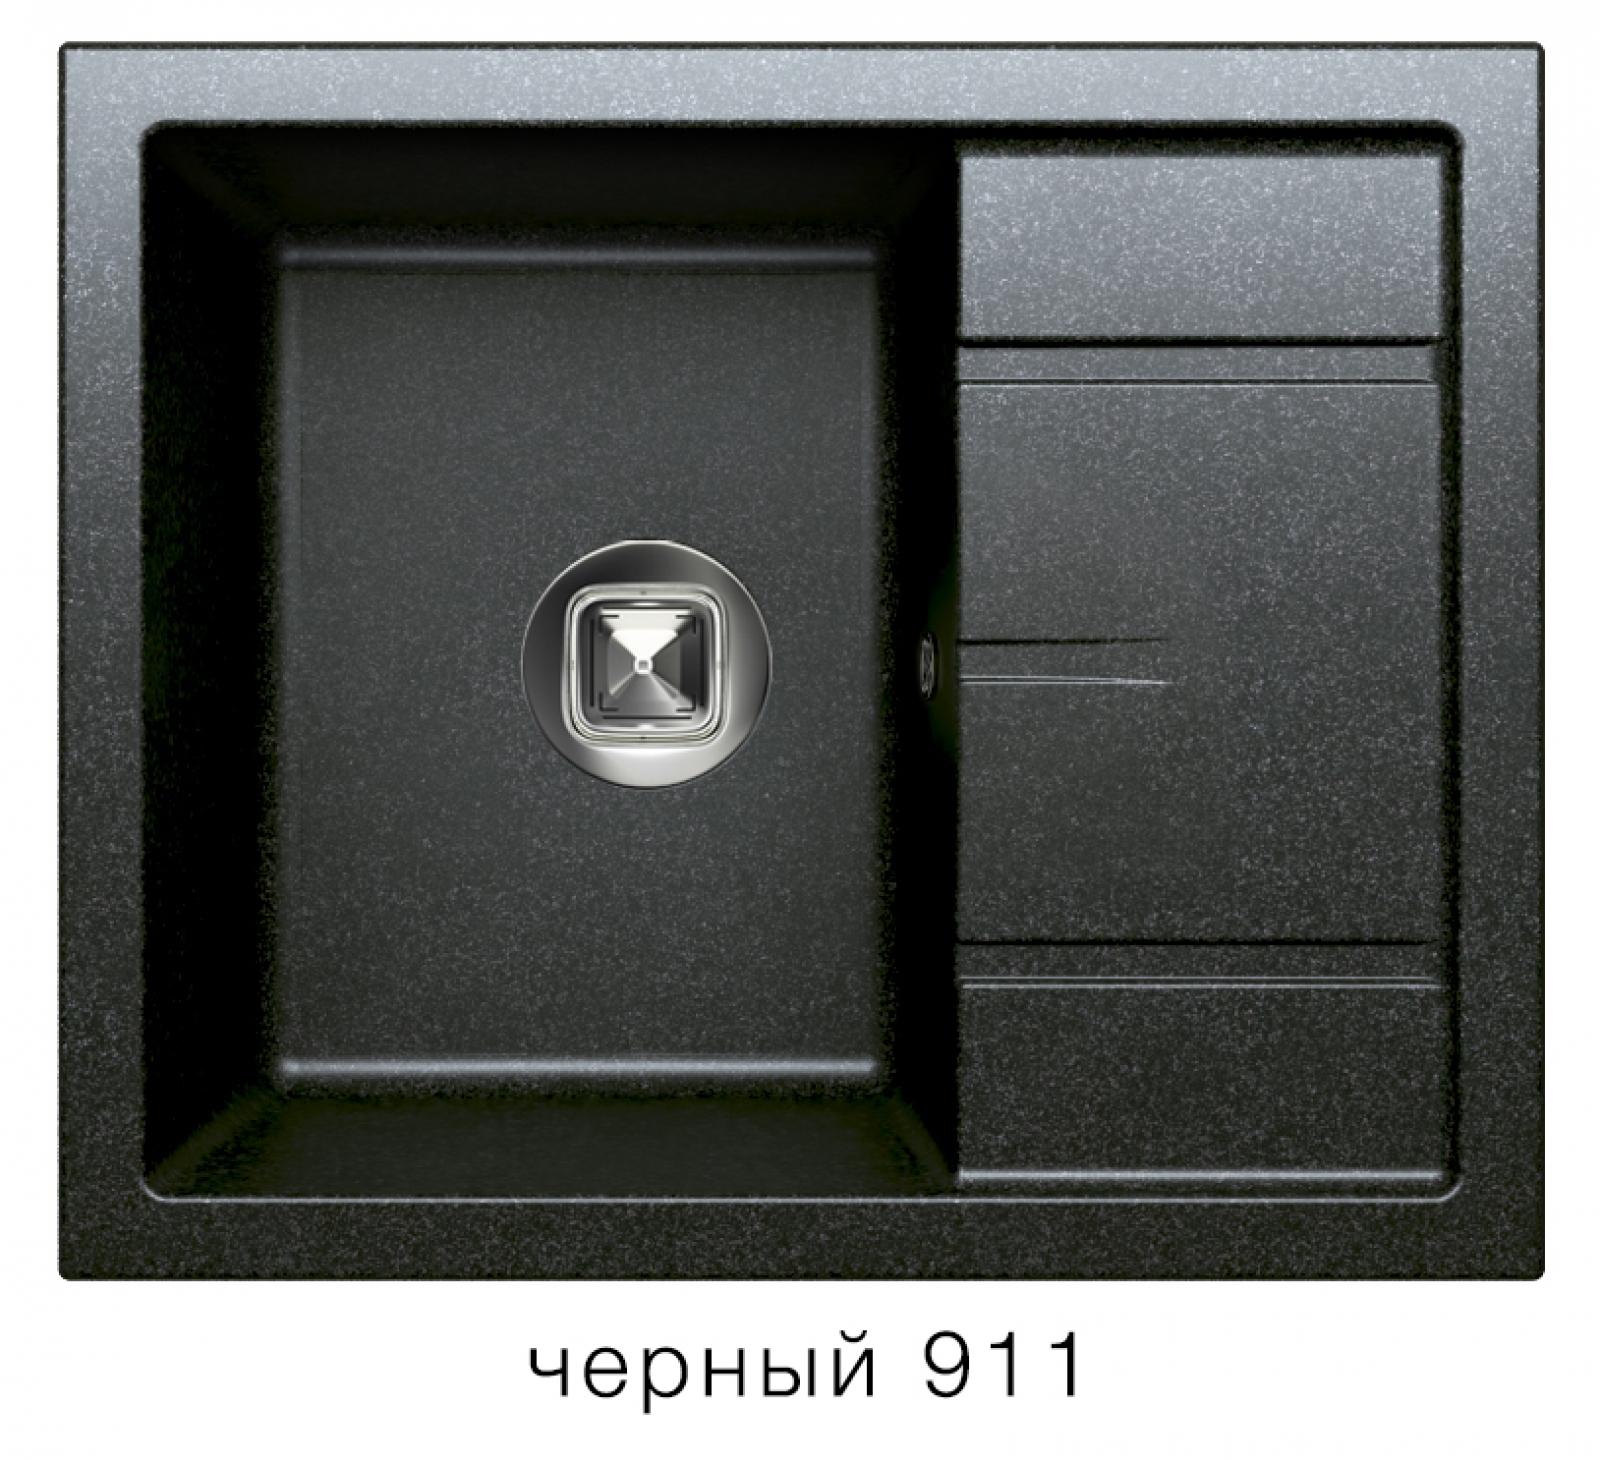 Мойка Tolero-R-107-911, цвет - Черный